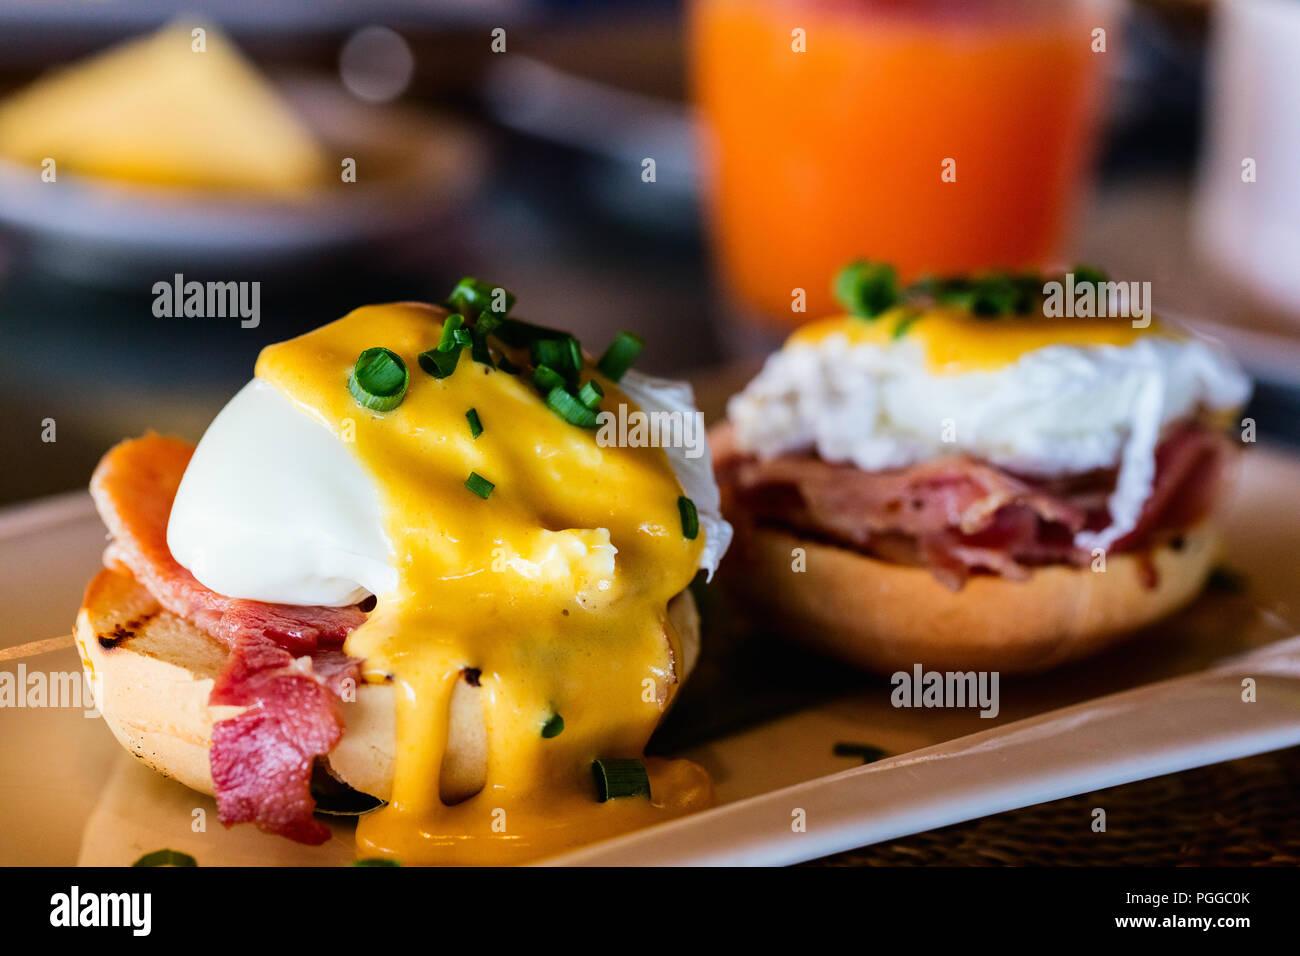 Köstliches Frühstück mit Eggs Benedict und Saft Stockbild